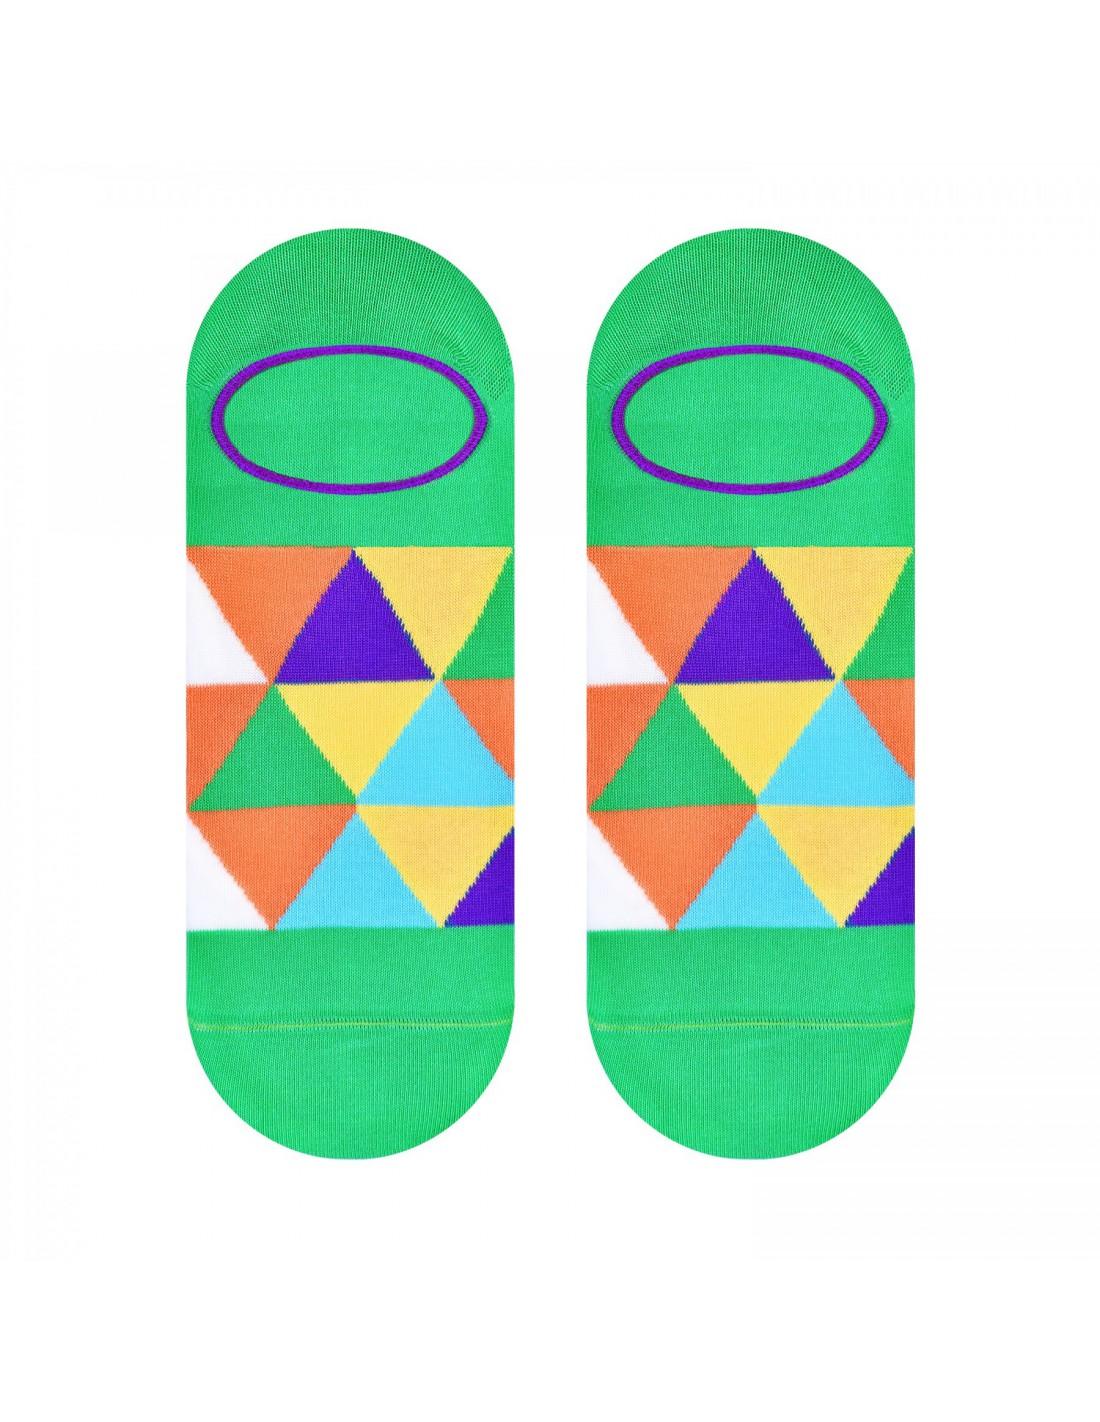 f0886f32025742 Zielone skarpety stopki w kolorowe trójkąty SK167 | Sklep ...